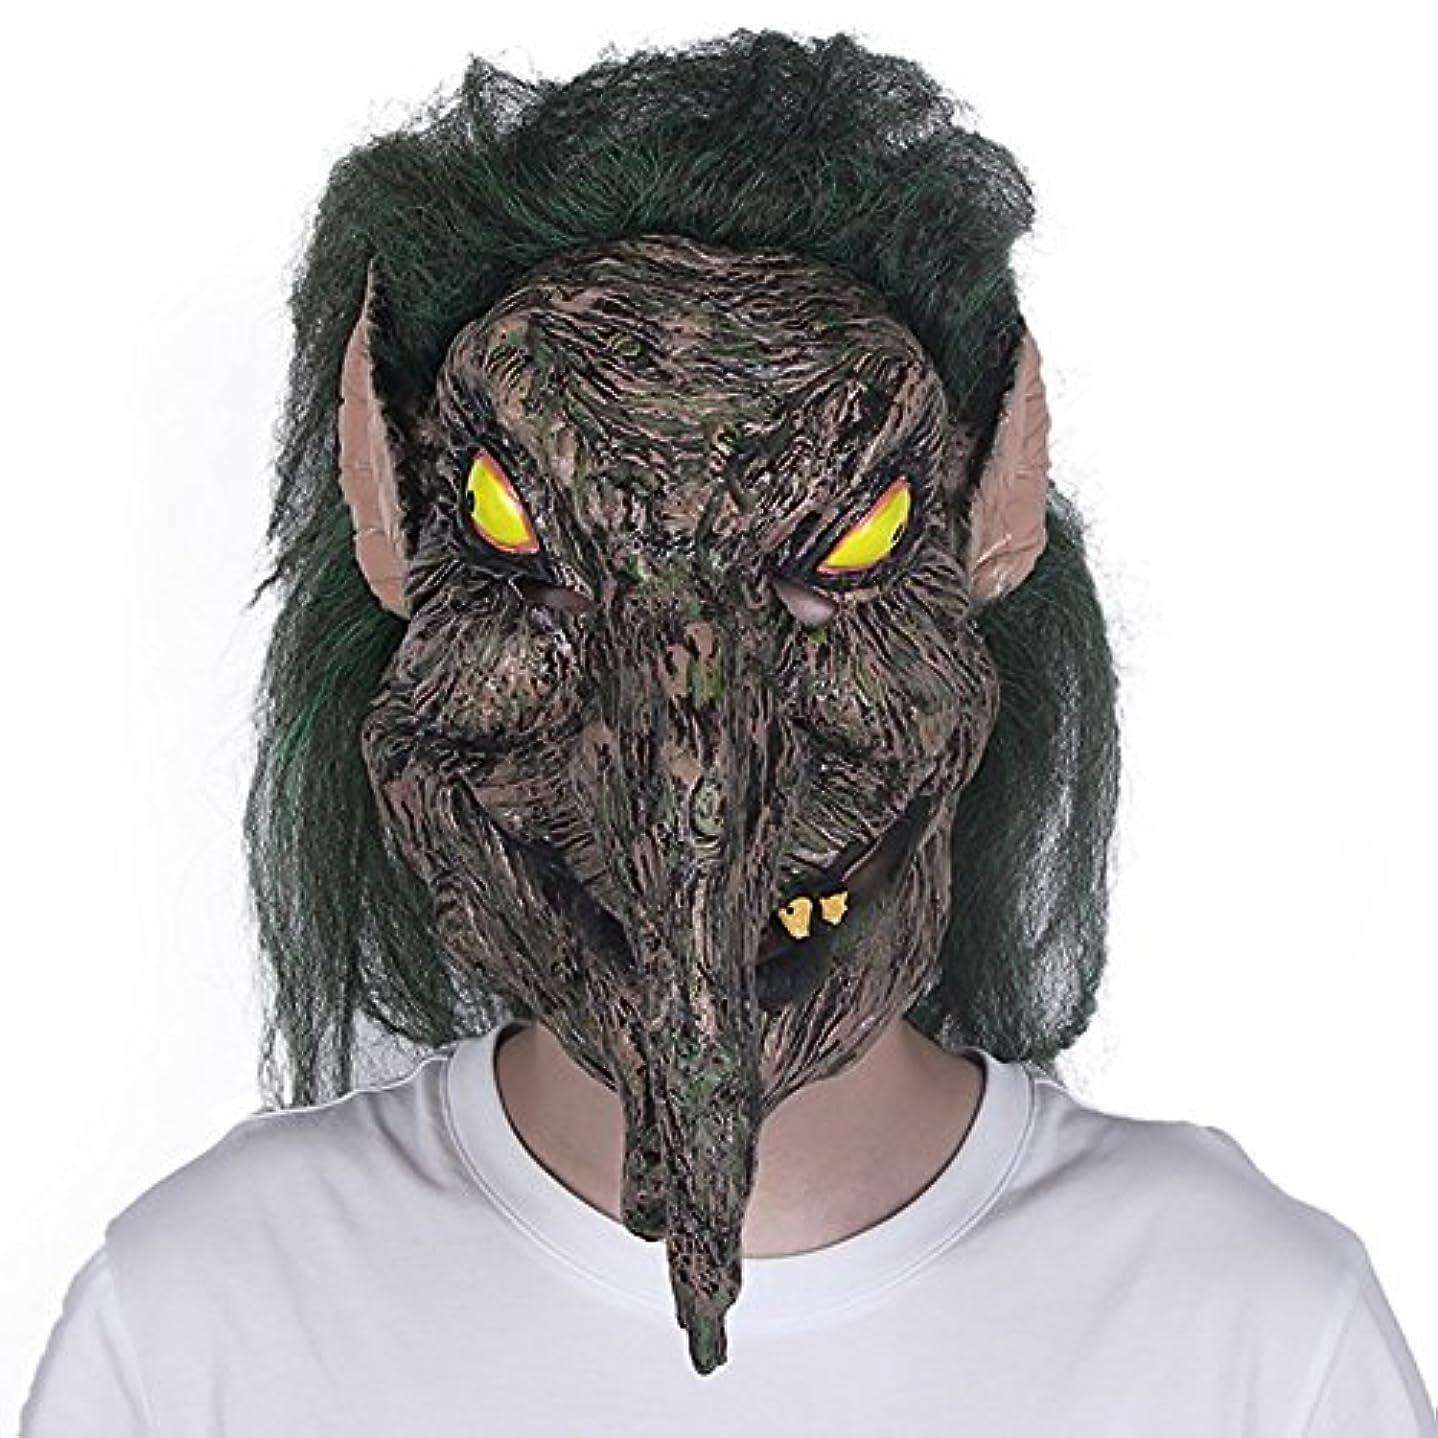 マントヒューズセマフォハロウィンホラーマスクしかめっ面大人の装飾ラテックスヘッドギア男性緑髪魔女怖いパーティーマスク